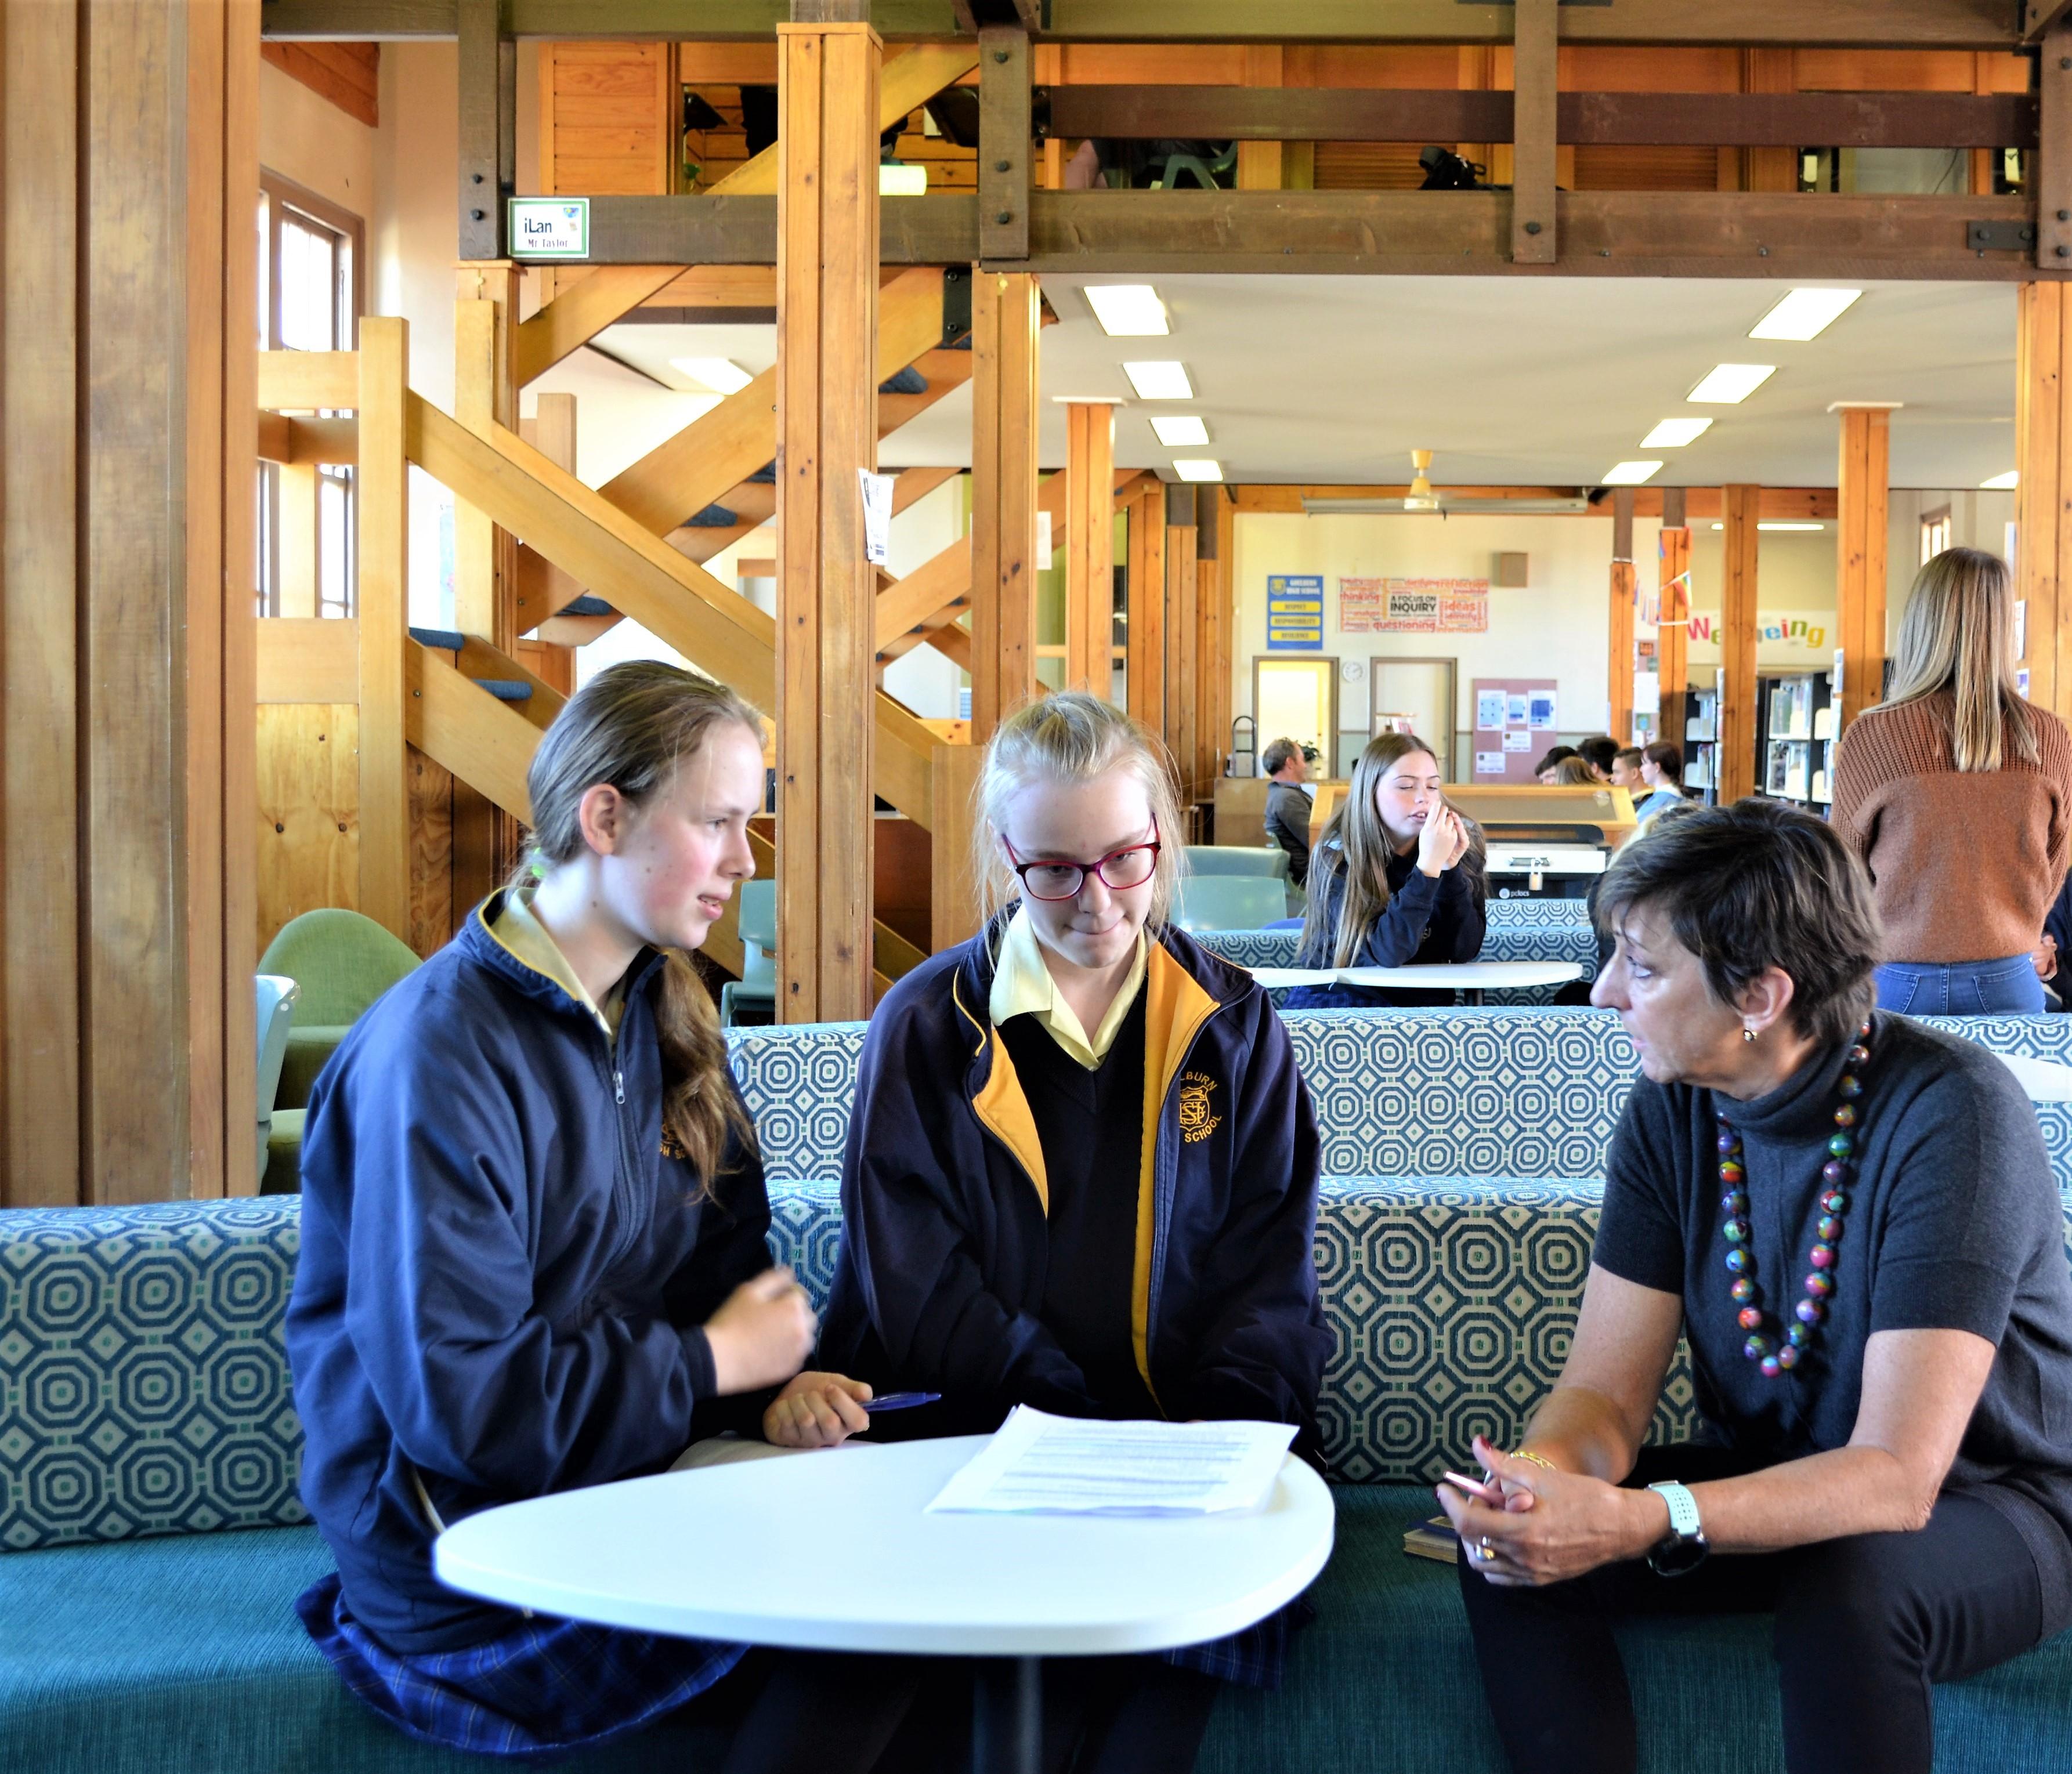 Goulburn High School partners with Goulburn Hospital Redevelopment team